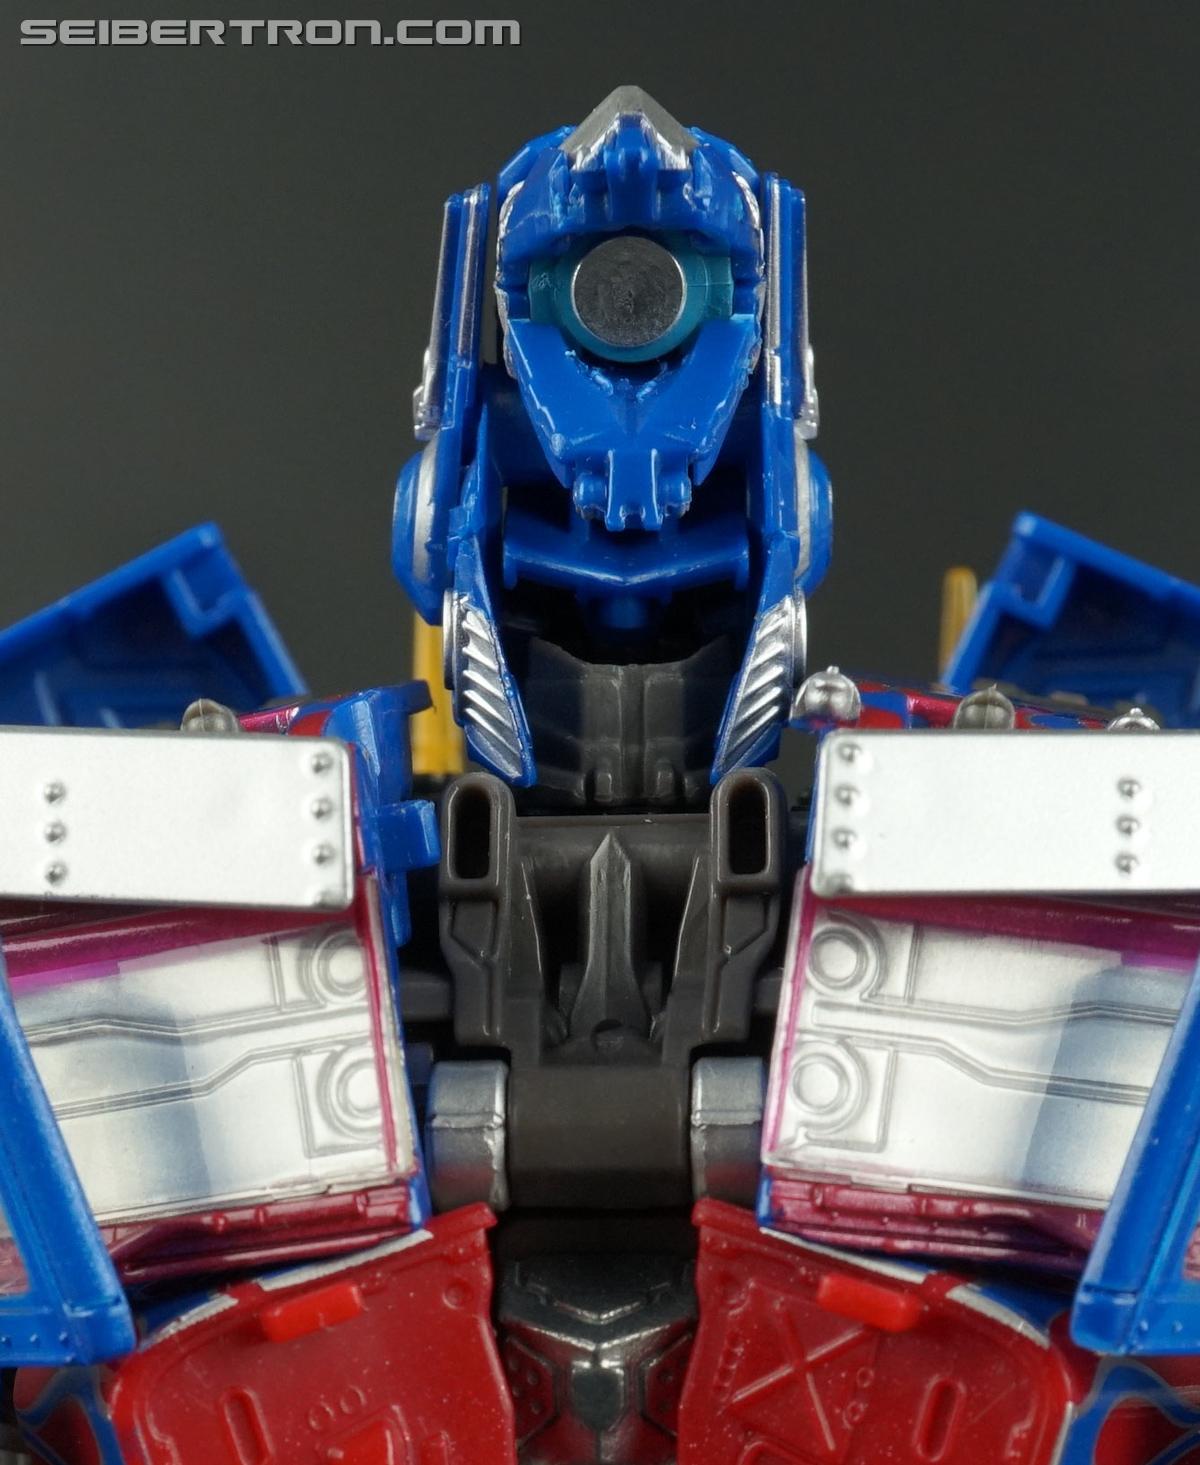 Transformers Masterpiece Movie Series Optimus Prime (Image #172 of 270)